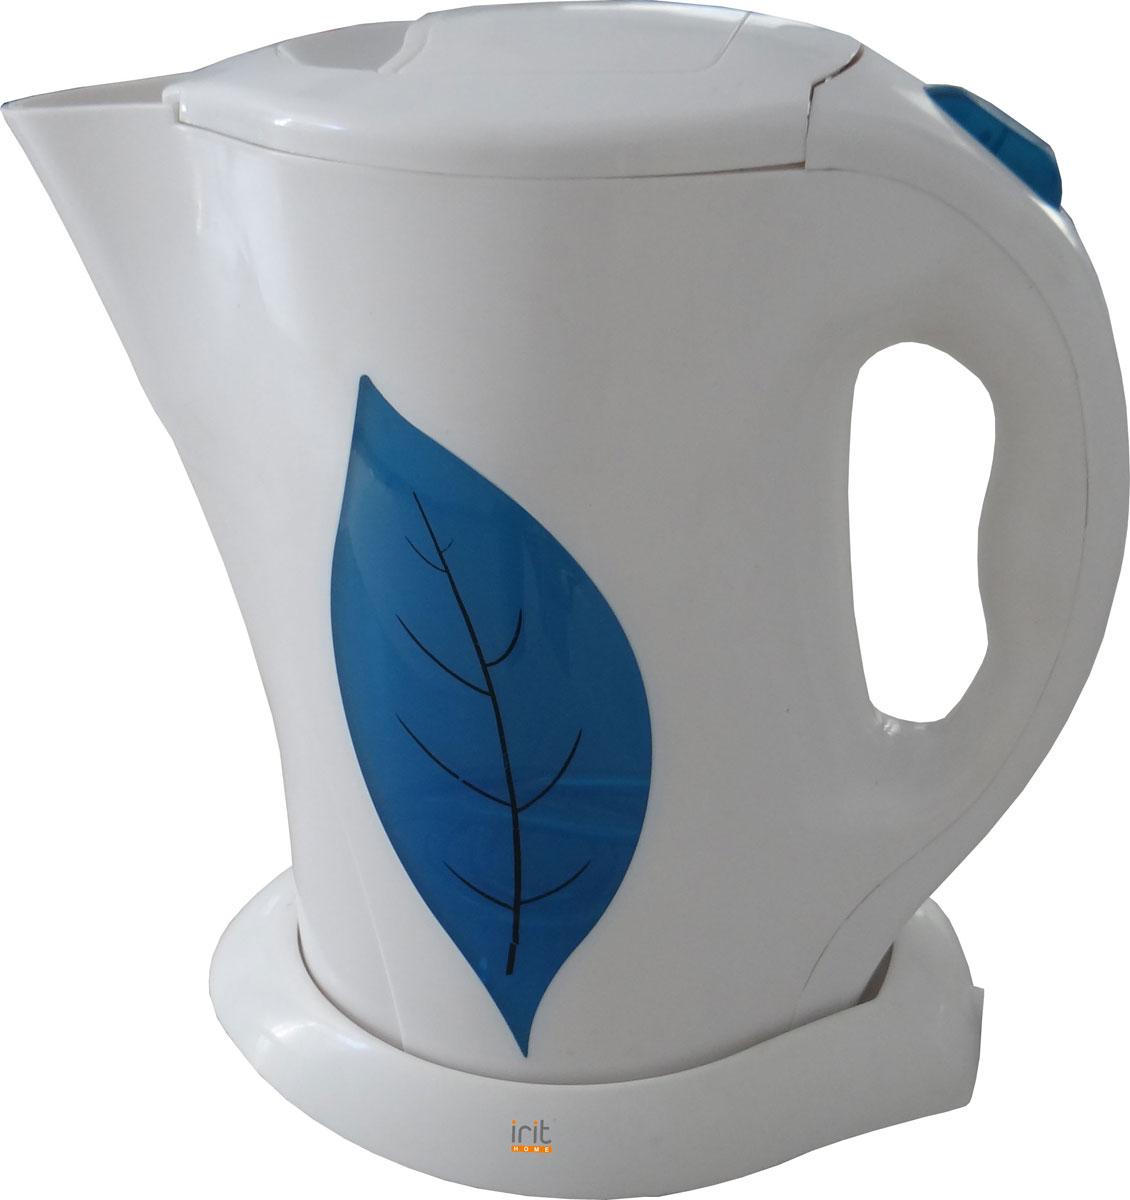 Irit IR-1110 электрический чайник79 01198Электрический чайник Irit IR-1110 прост в управлении и долговечен в использовании. Изготовлен из высококачественных материалов. Прозрачное окошко позволяет определить уровень воды. Мощность 1850 Вт вскипятит 1,7 литра воды в считанные минуты. Для обеспечения безопасности при повседневном использовании предусмотрены функция автовыключения, а также защита от включения при отсутствии воды.